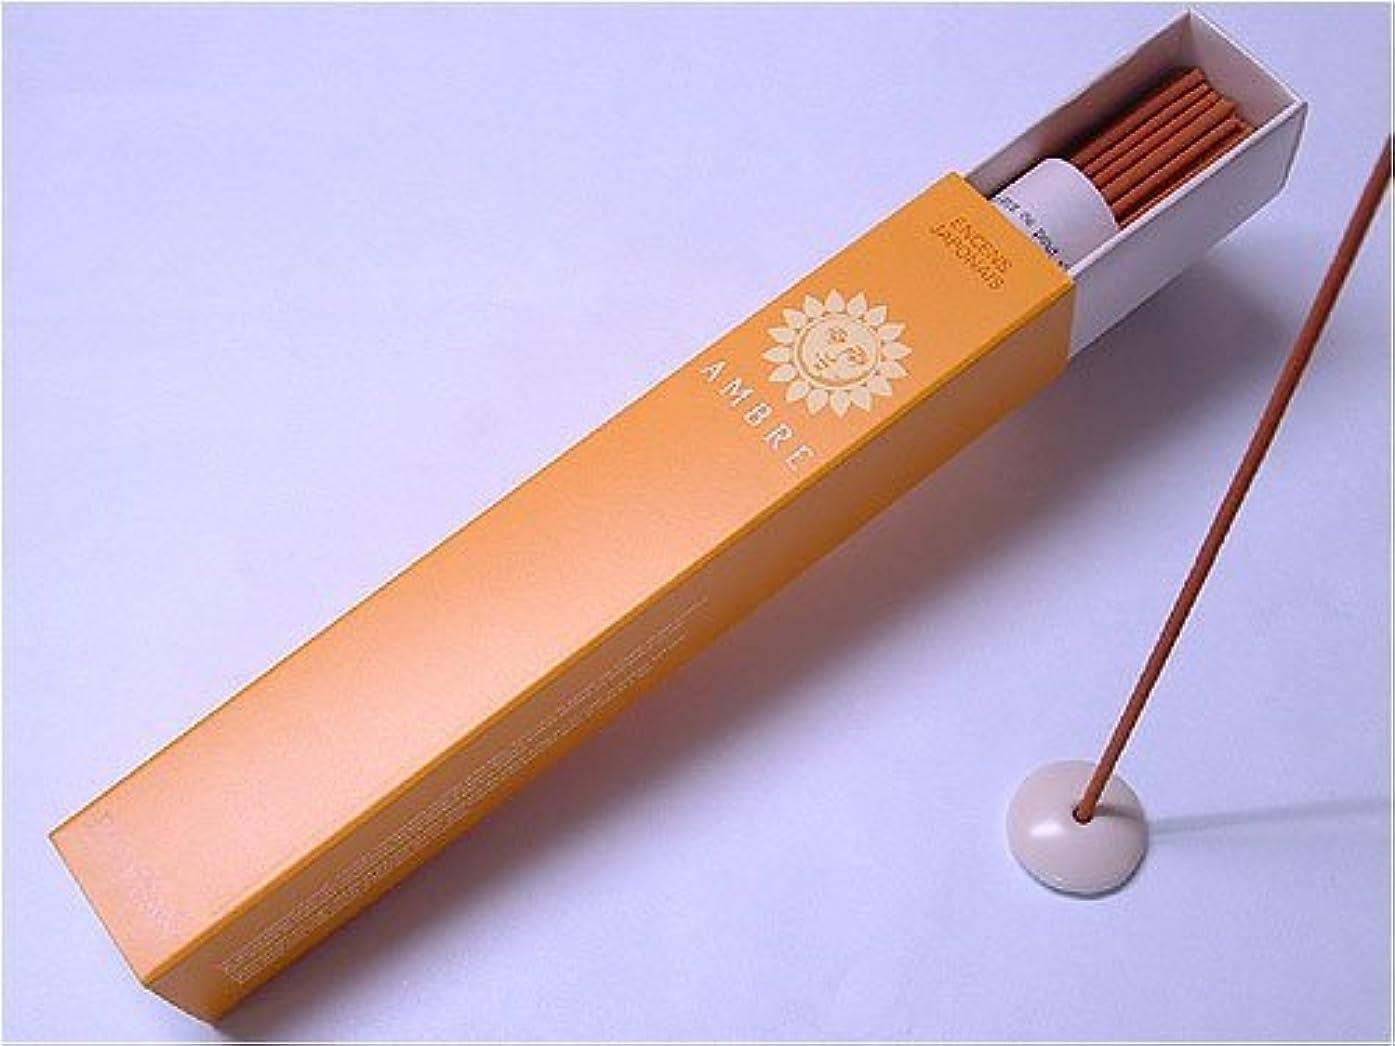 メディアチャンバー制約ESTEBAN(エステバン) style primrose bordier スティック 40本入 「アンバー -AMBRE-」 4902125989924